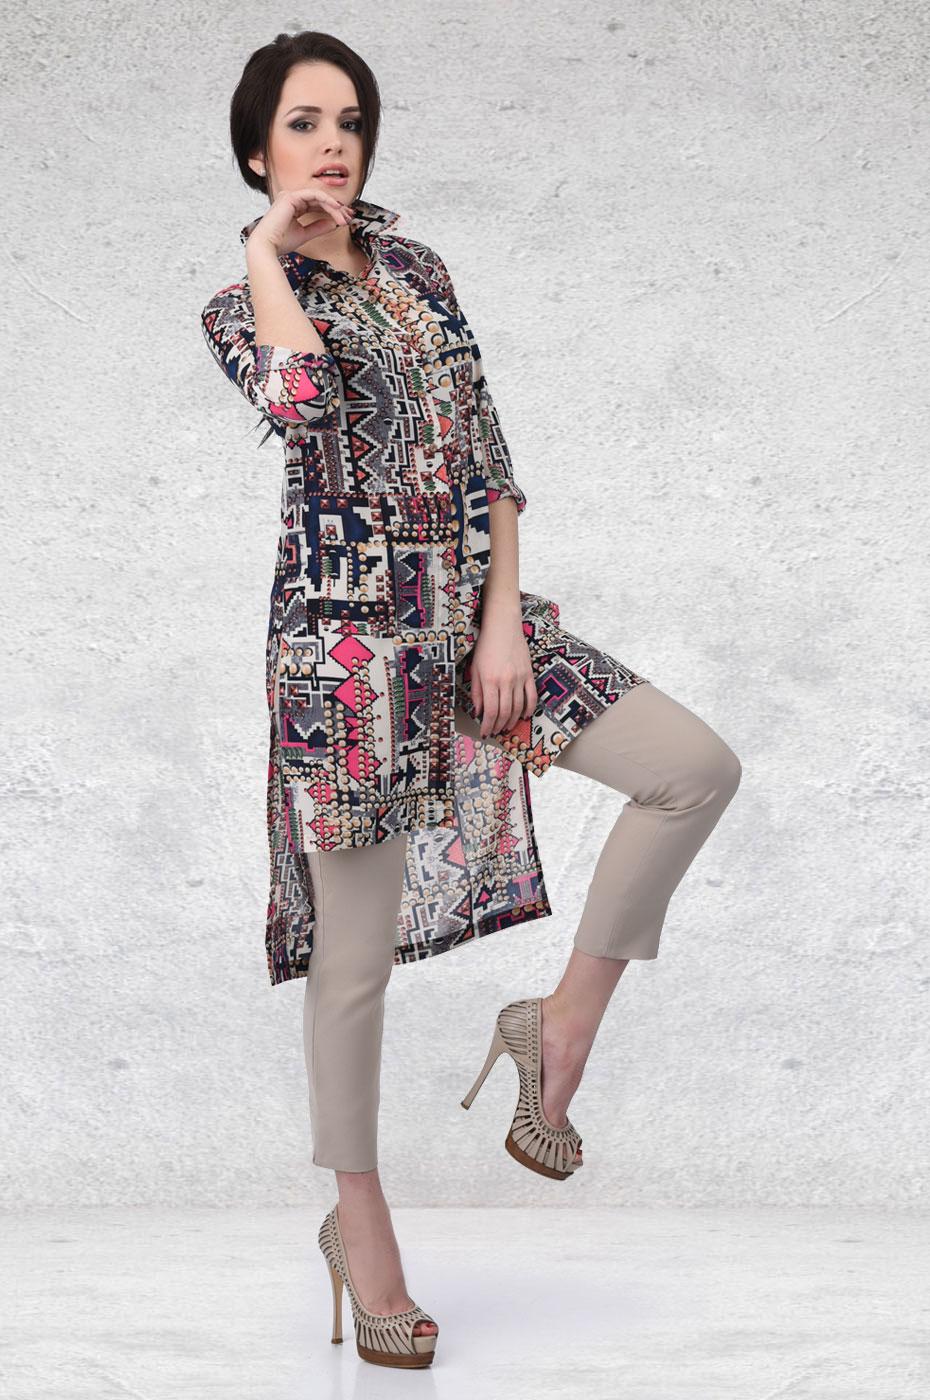 Сбор заказов. Женская одежда Mari-line. Быстрый сбор - скидка 15% на весь ассортимент только 3 дня. Выкуп 5. Без рядов